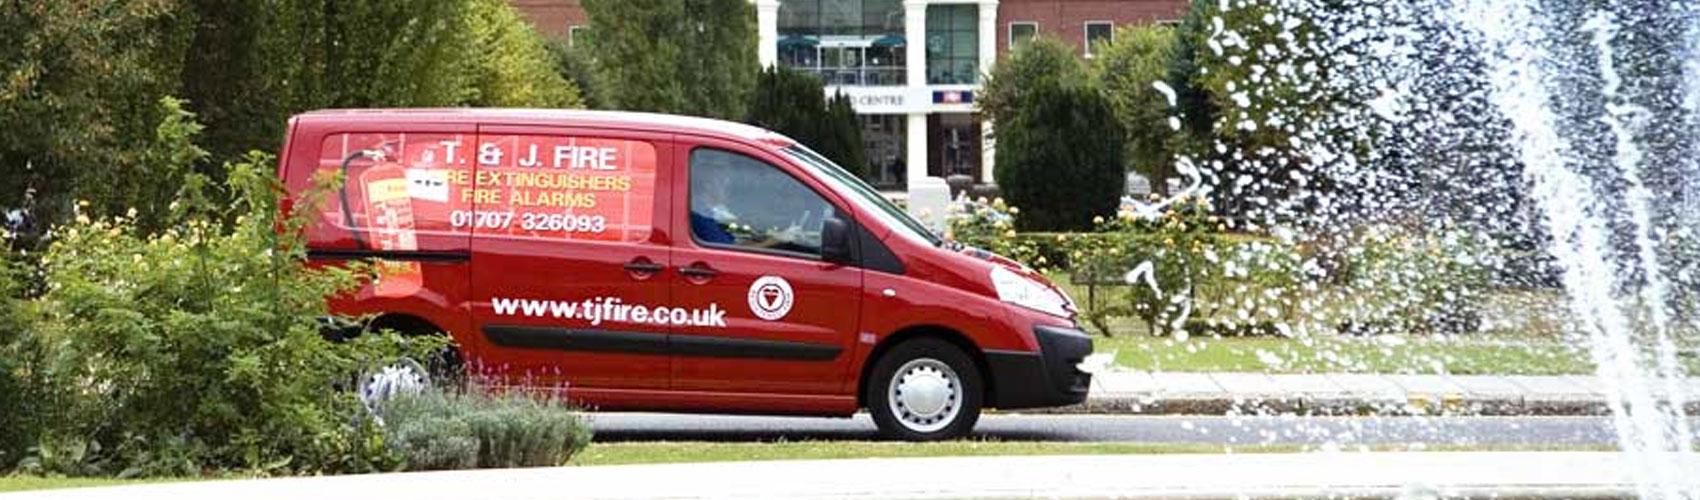 T&J Fire Van in Welwyn Garden City